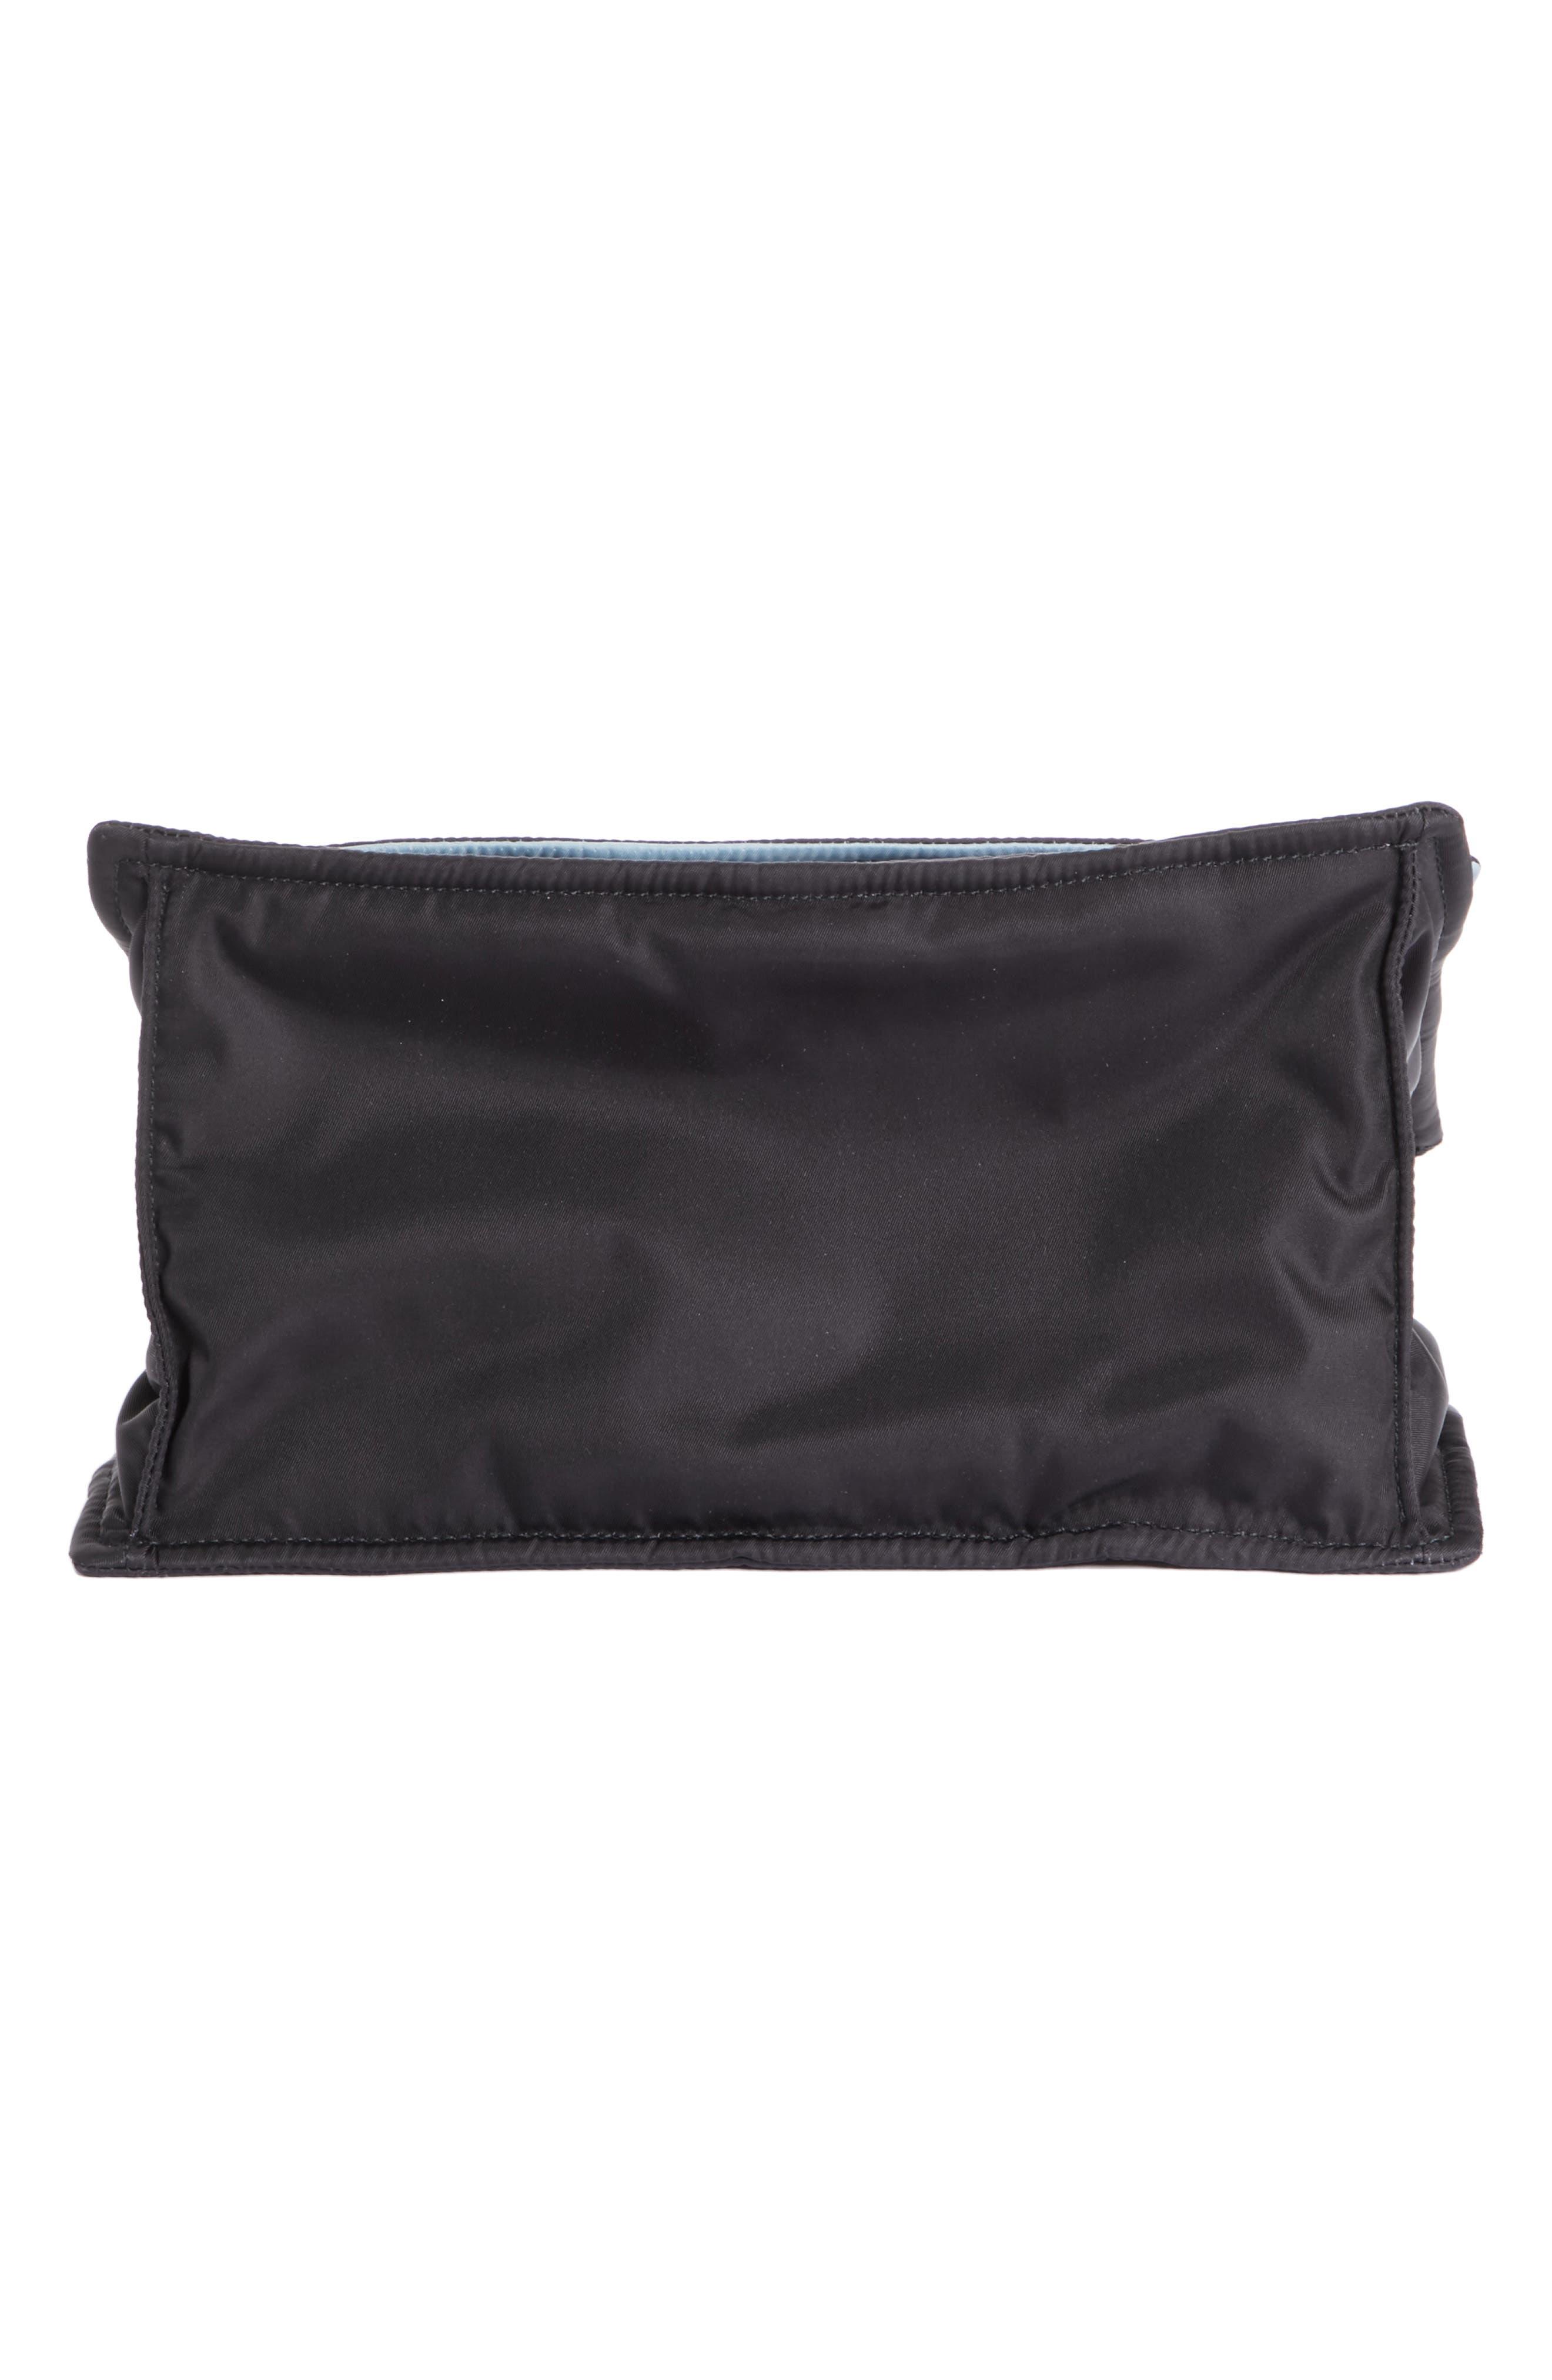 Medium Etiquette Tessuto Bag,                             Alternate thumbnail 6, color,                             Nero/ Astrale